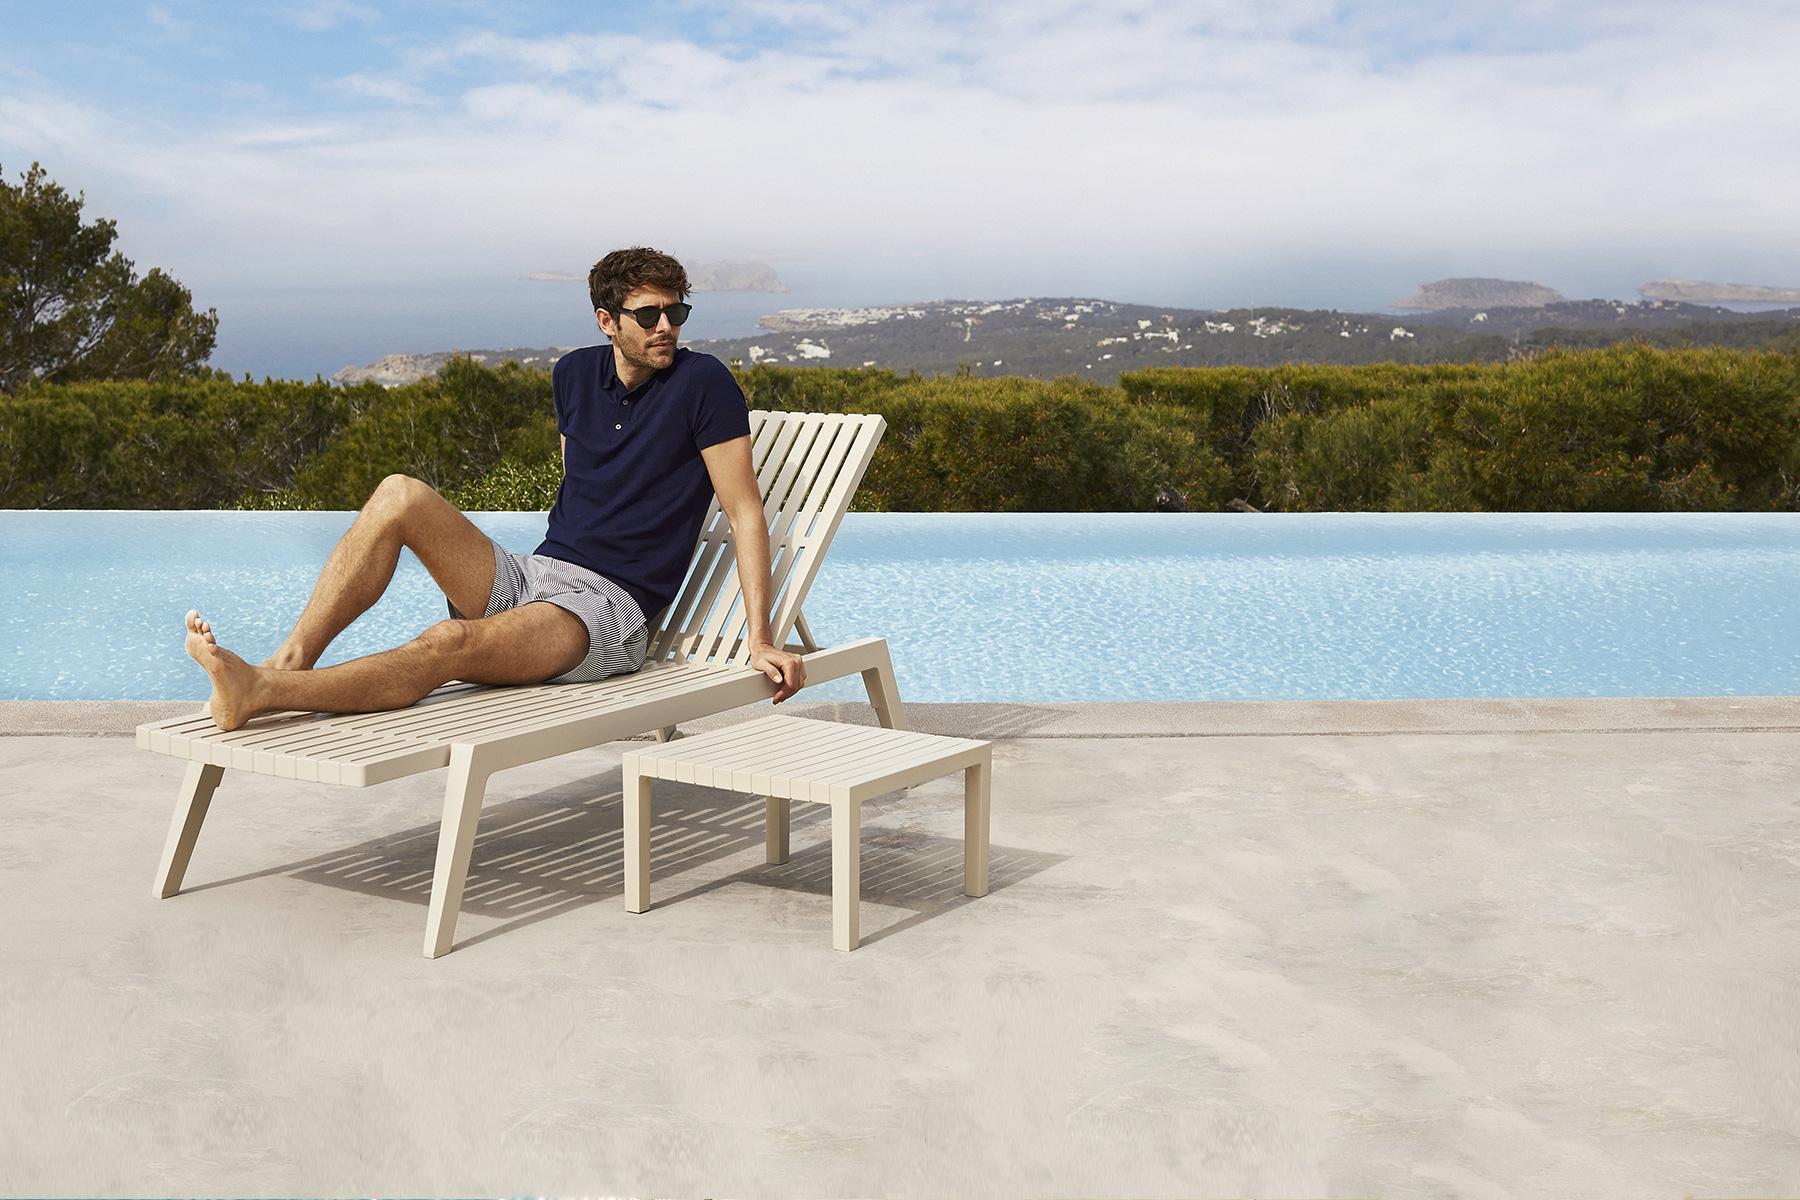 stackable-sunbed-sunlounger-outdoor-luxury-furniture-modern-outdoor-furniture-spritz-vondom-2